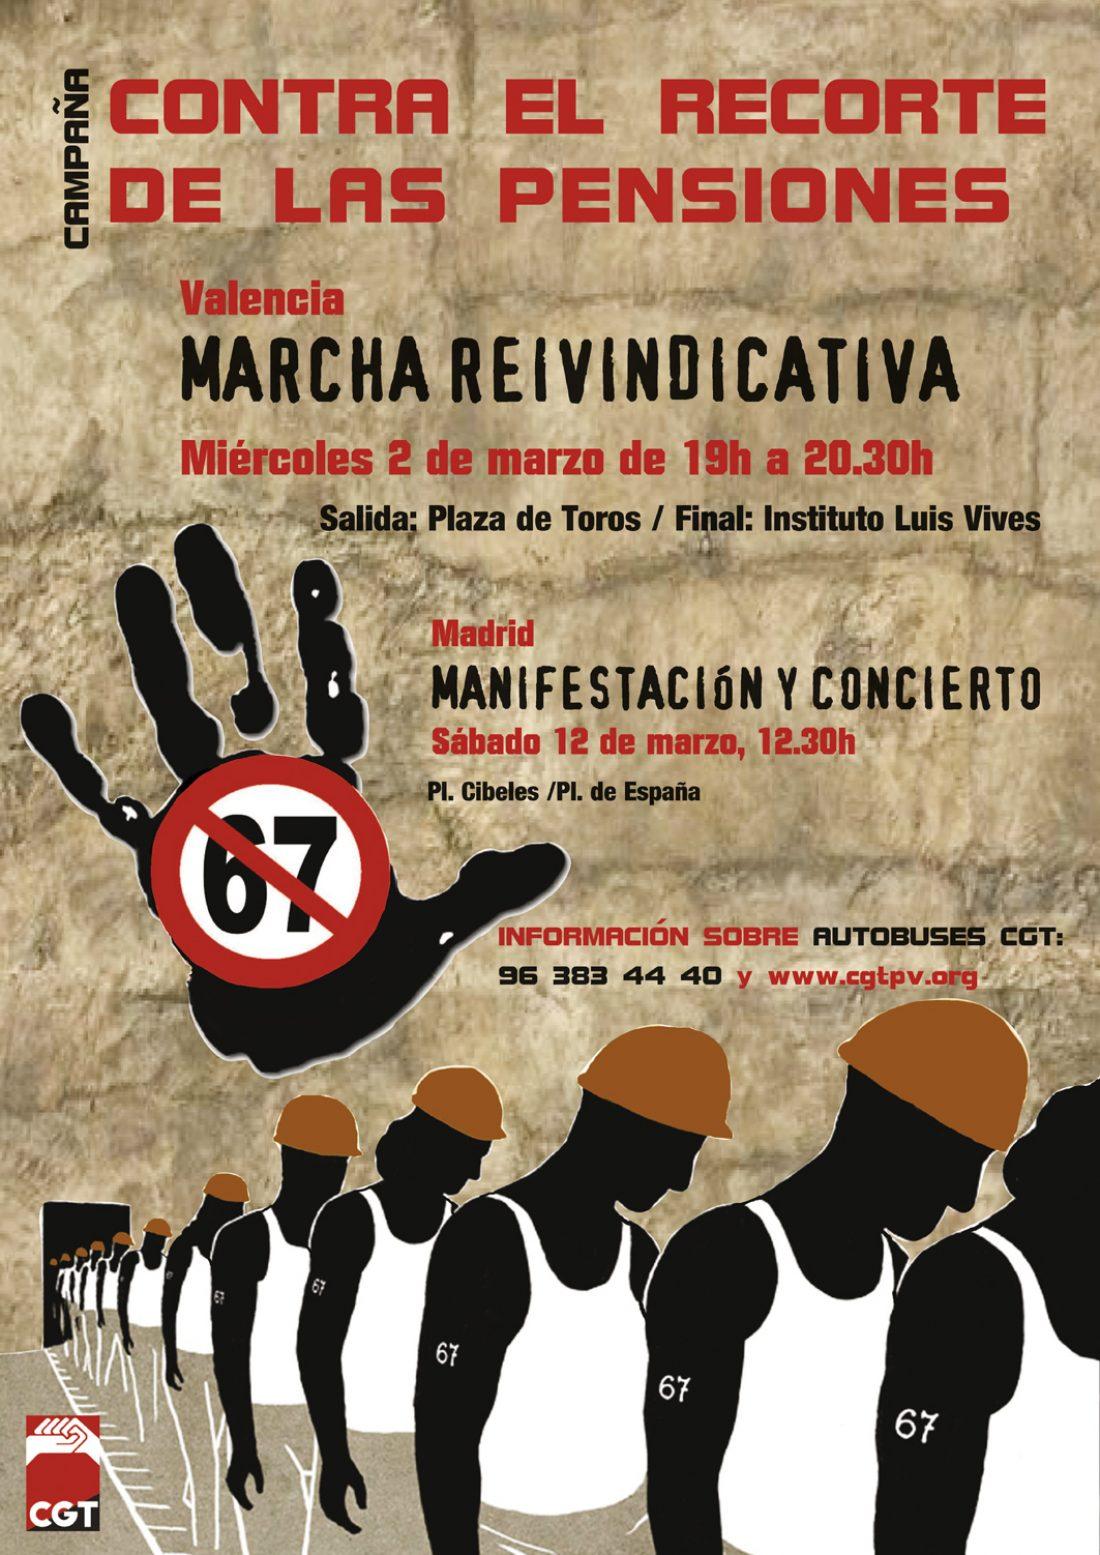 Valencia, 2 de Marzo: Asamblea de delegad@s, y Jornada de Lucha contra los recortes